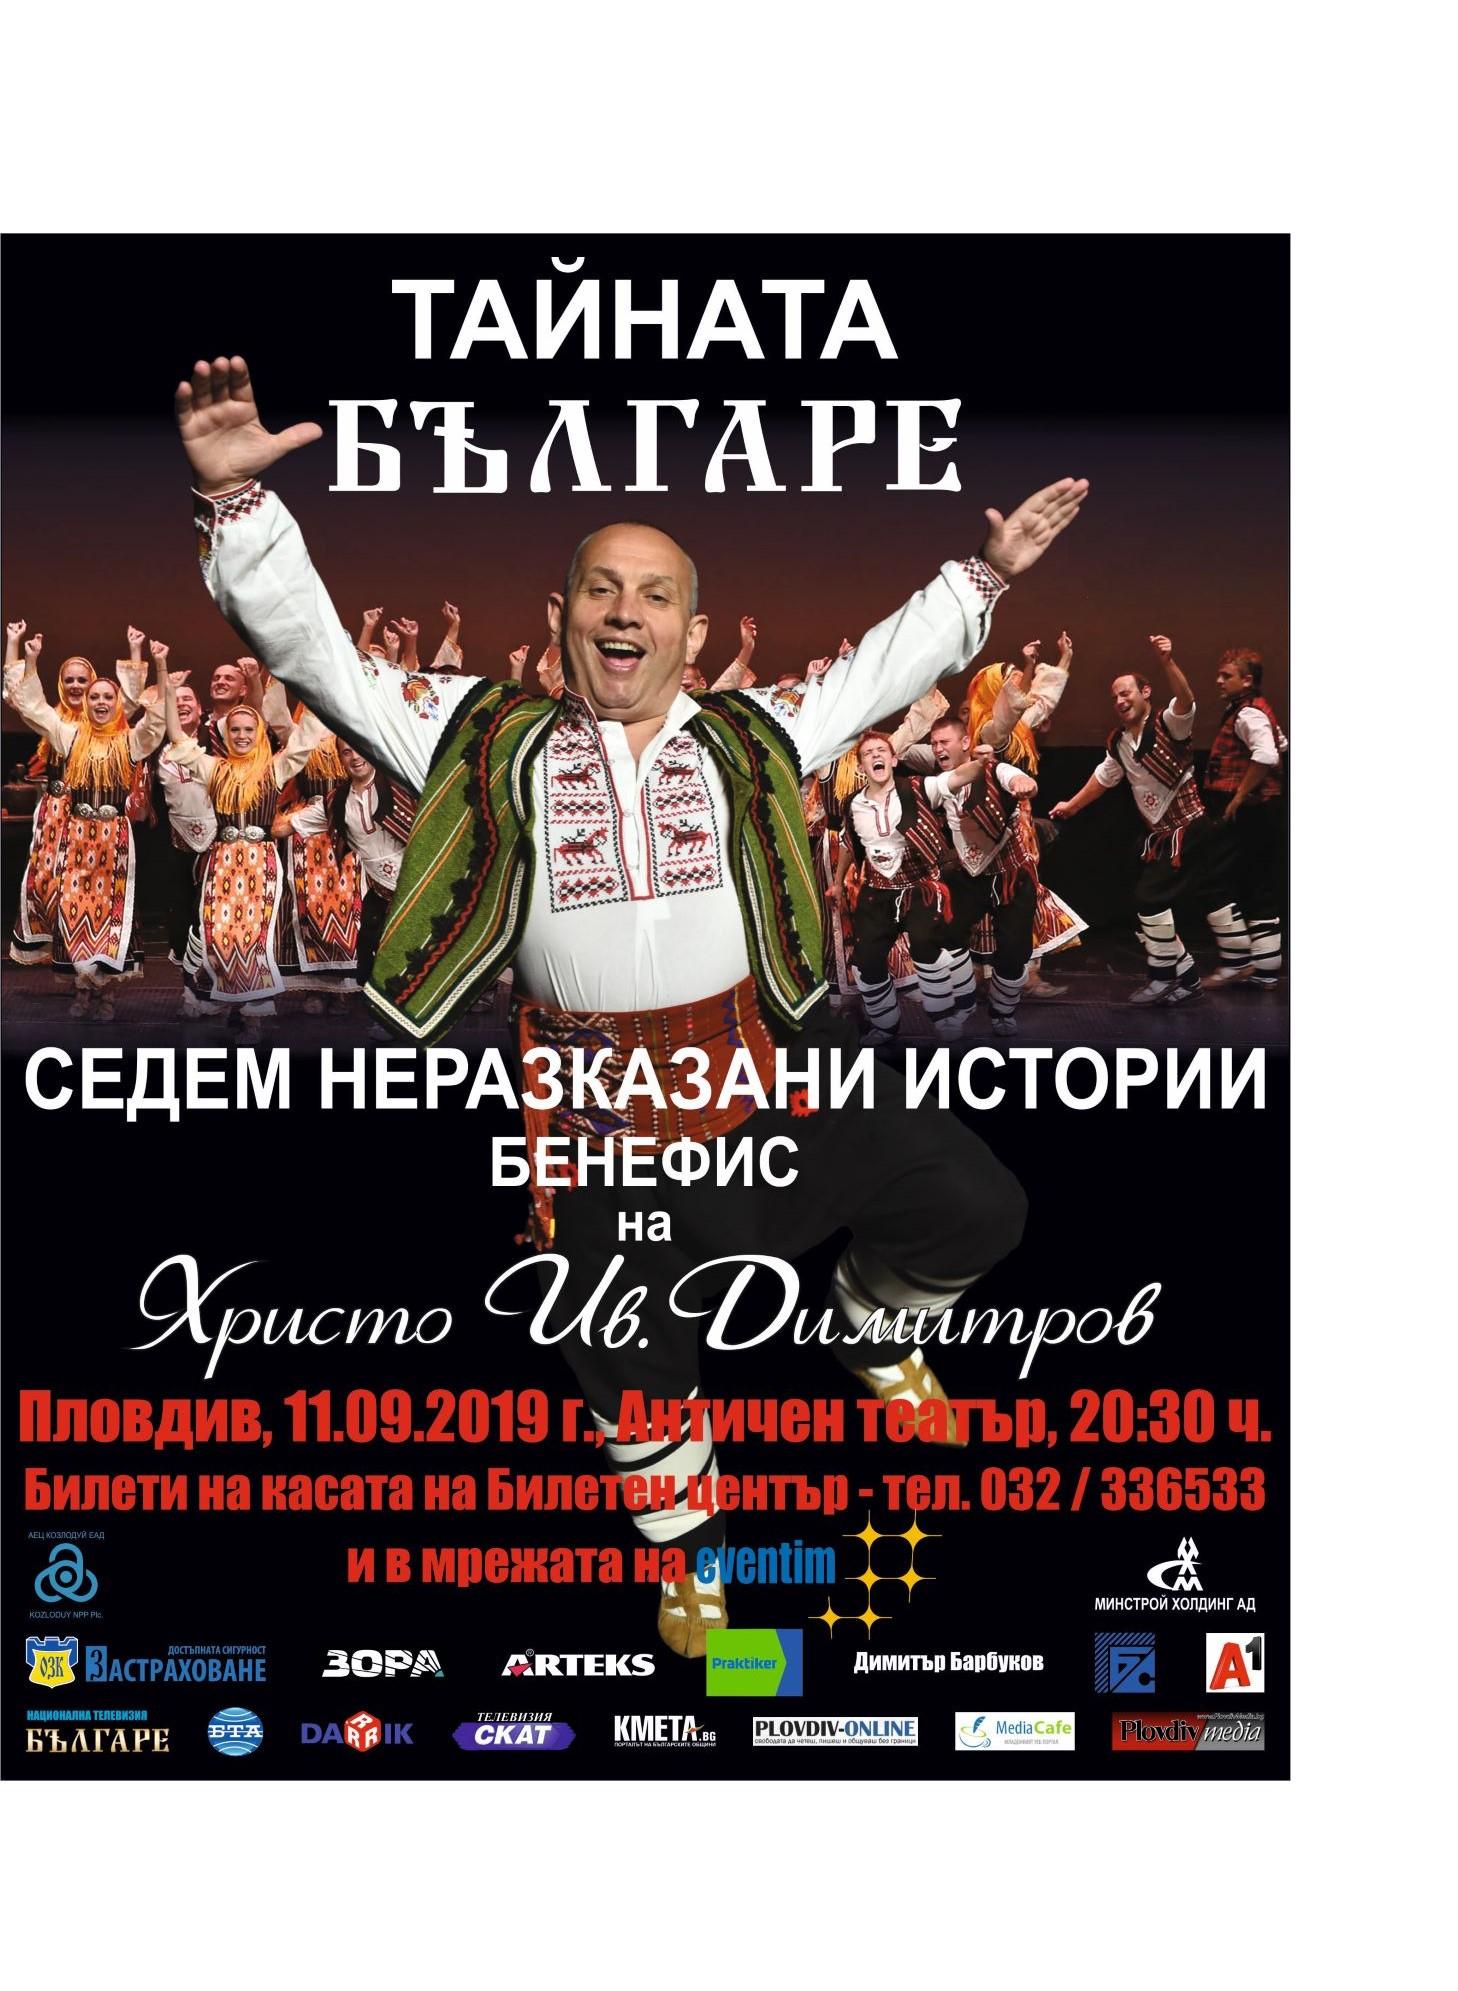 """Предпремиерно в Пловдив през септември очаквайте Тайната """"БЪЛГАРЕ"""""""